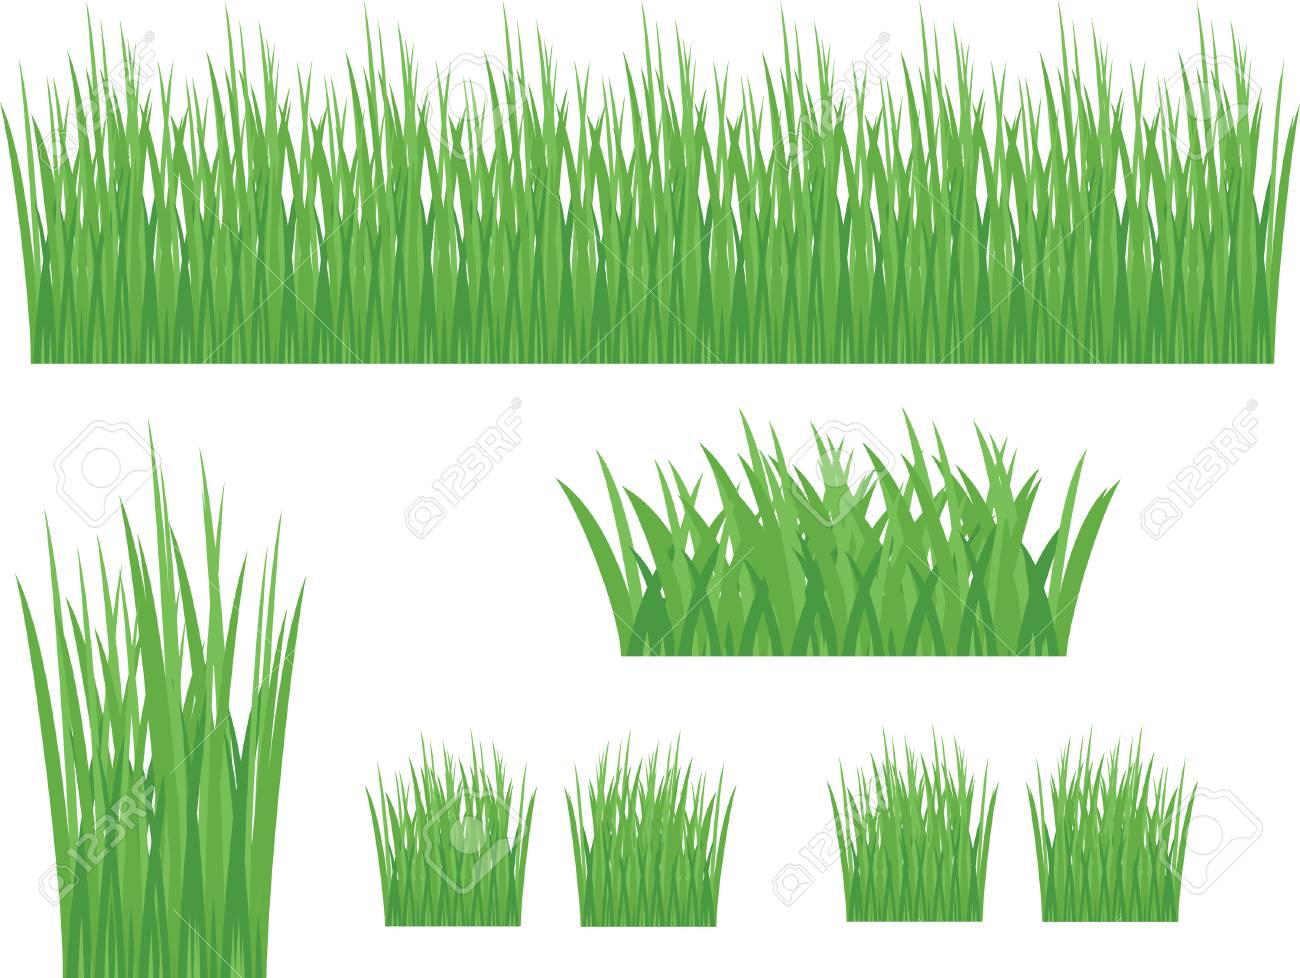 草クリップアートのイラスト素材ベクタ Image 77252486